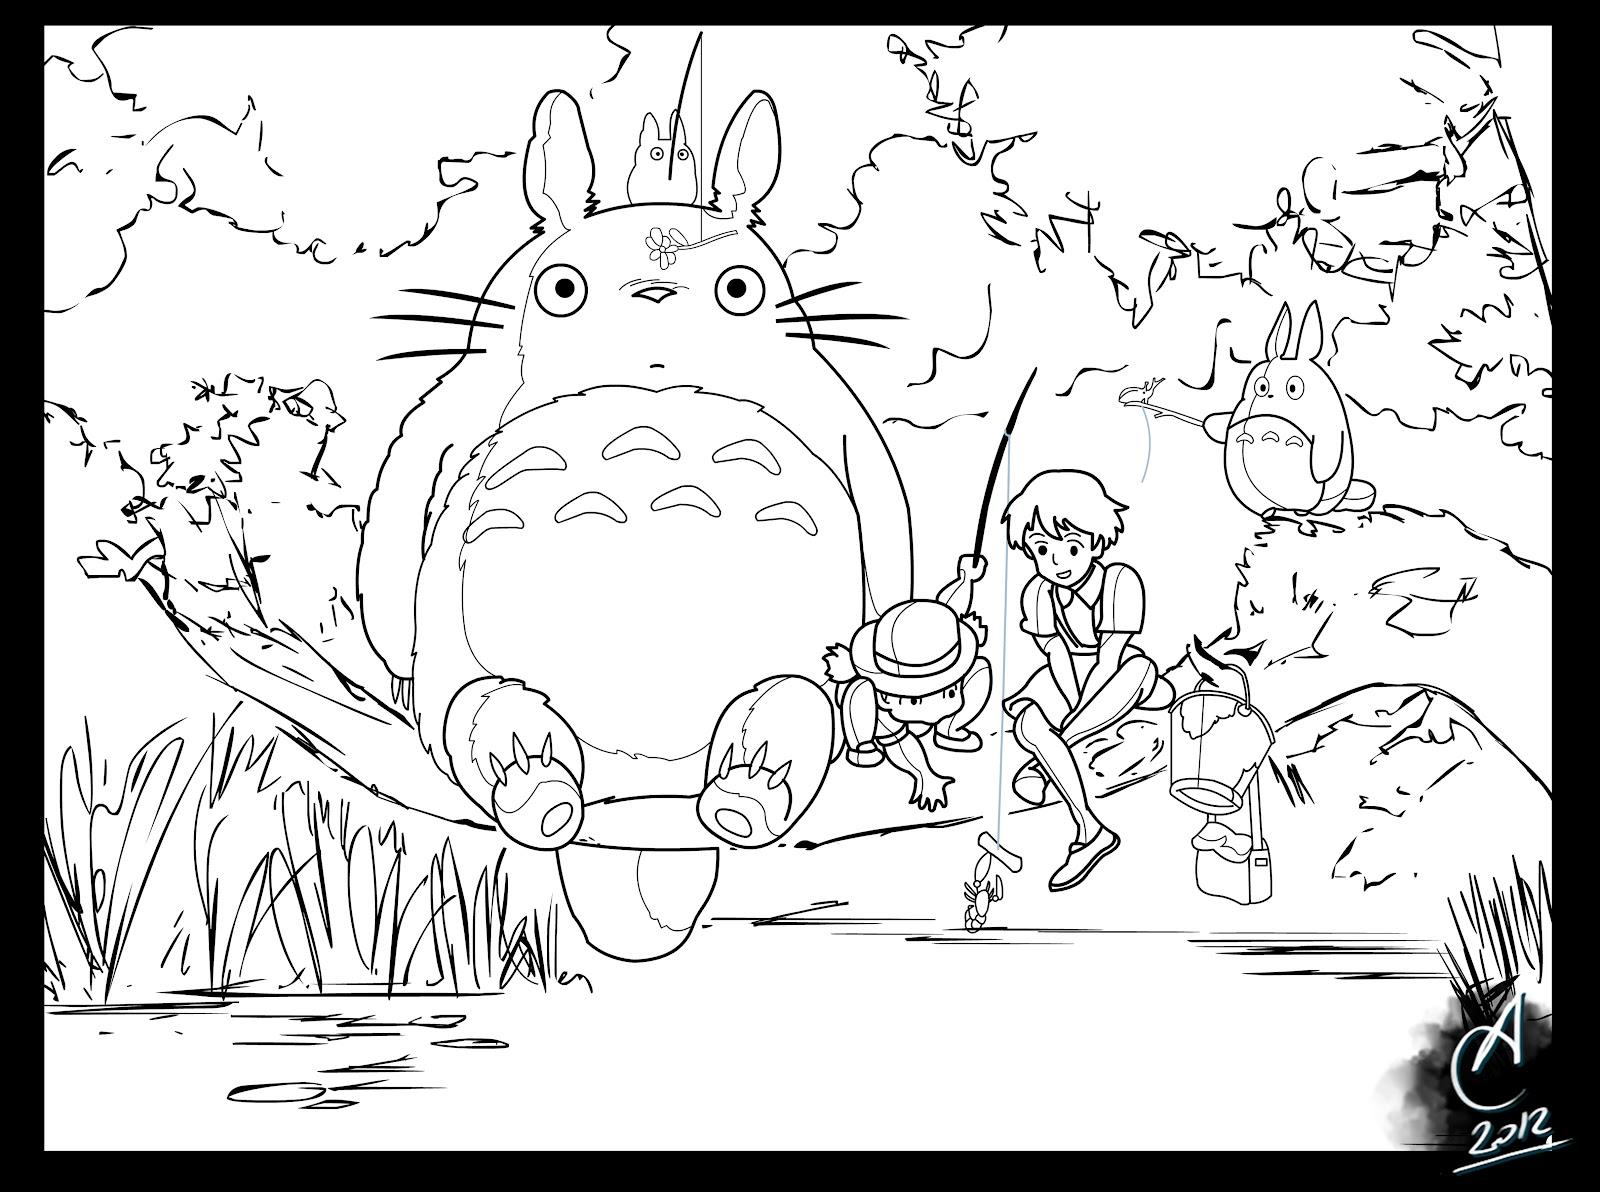 Calbini Alessandro Art's Blog: Tonari no Totoro: Digital Paint